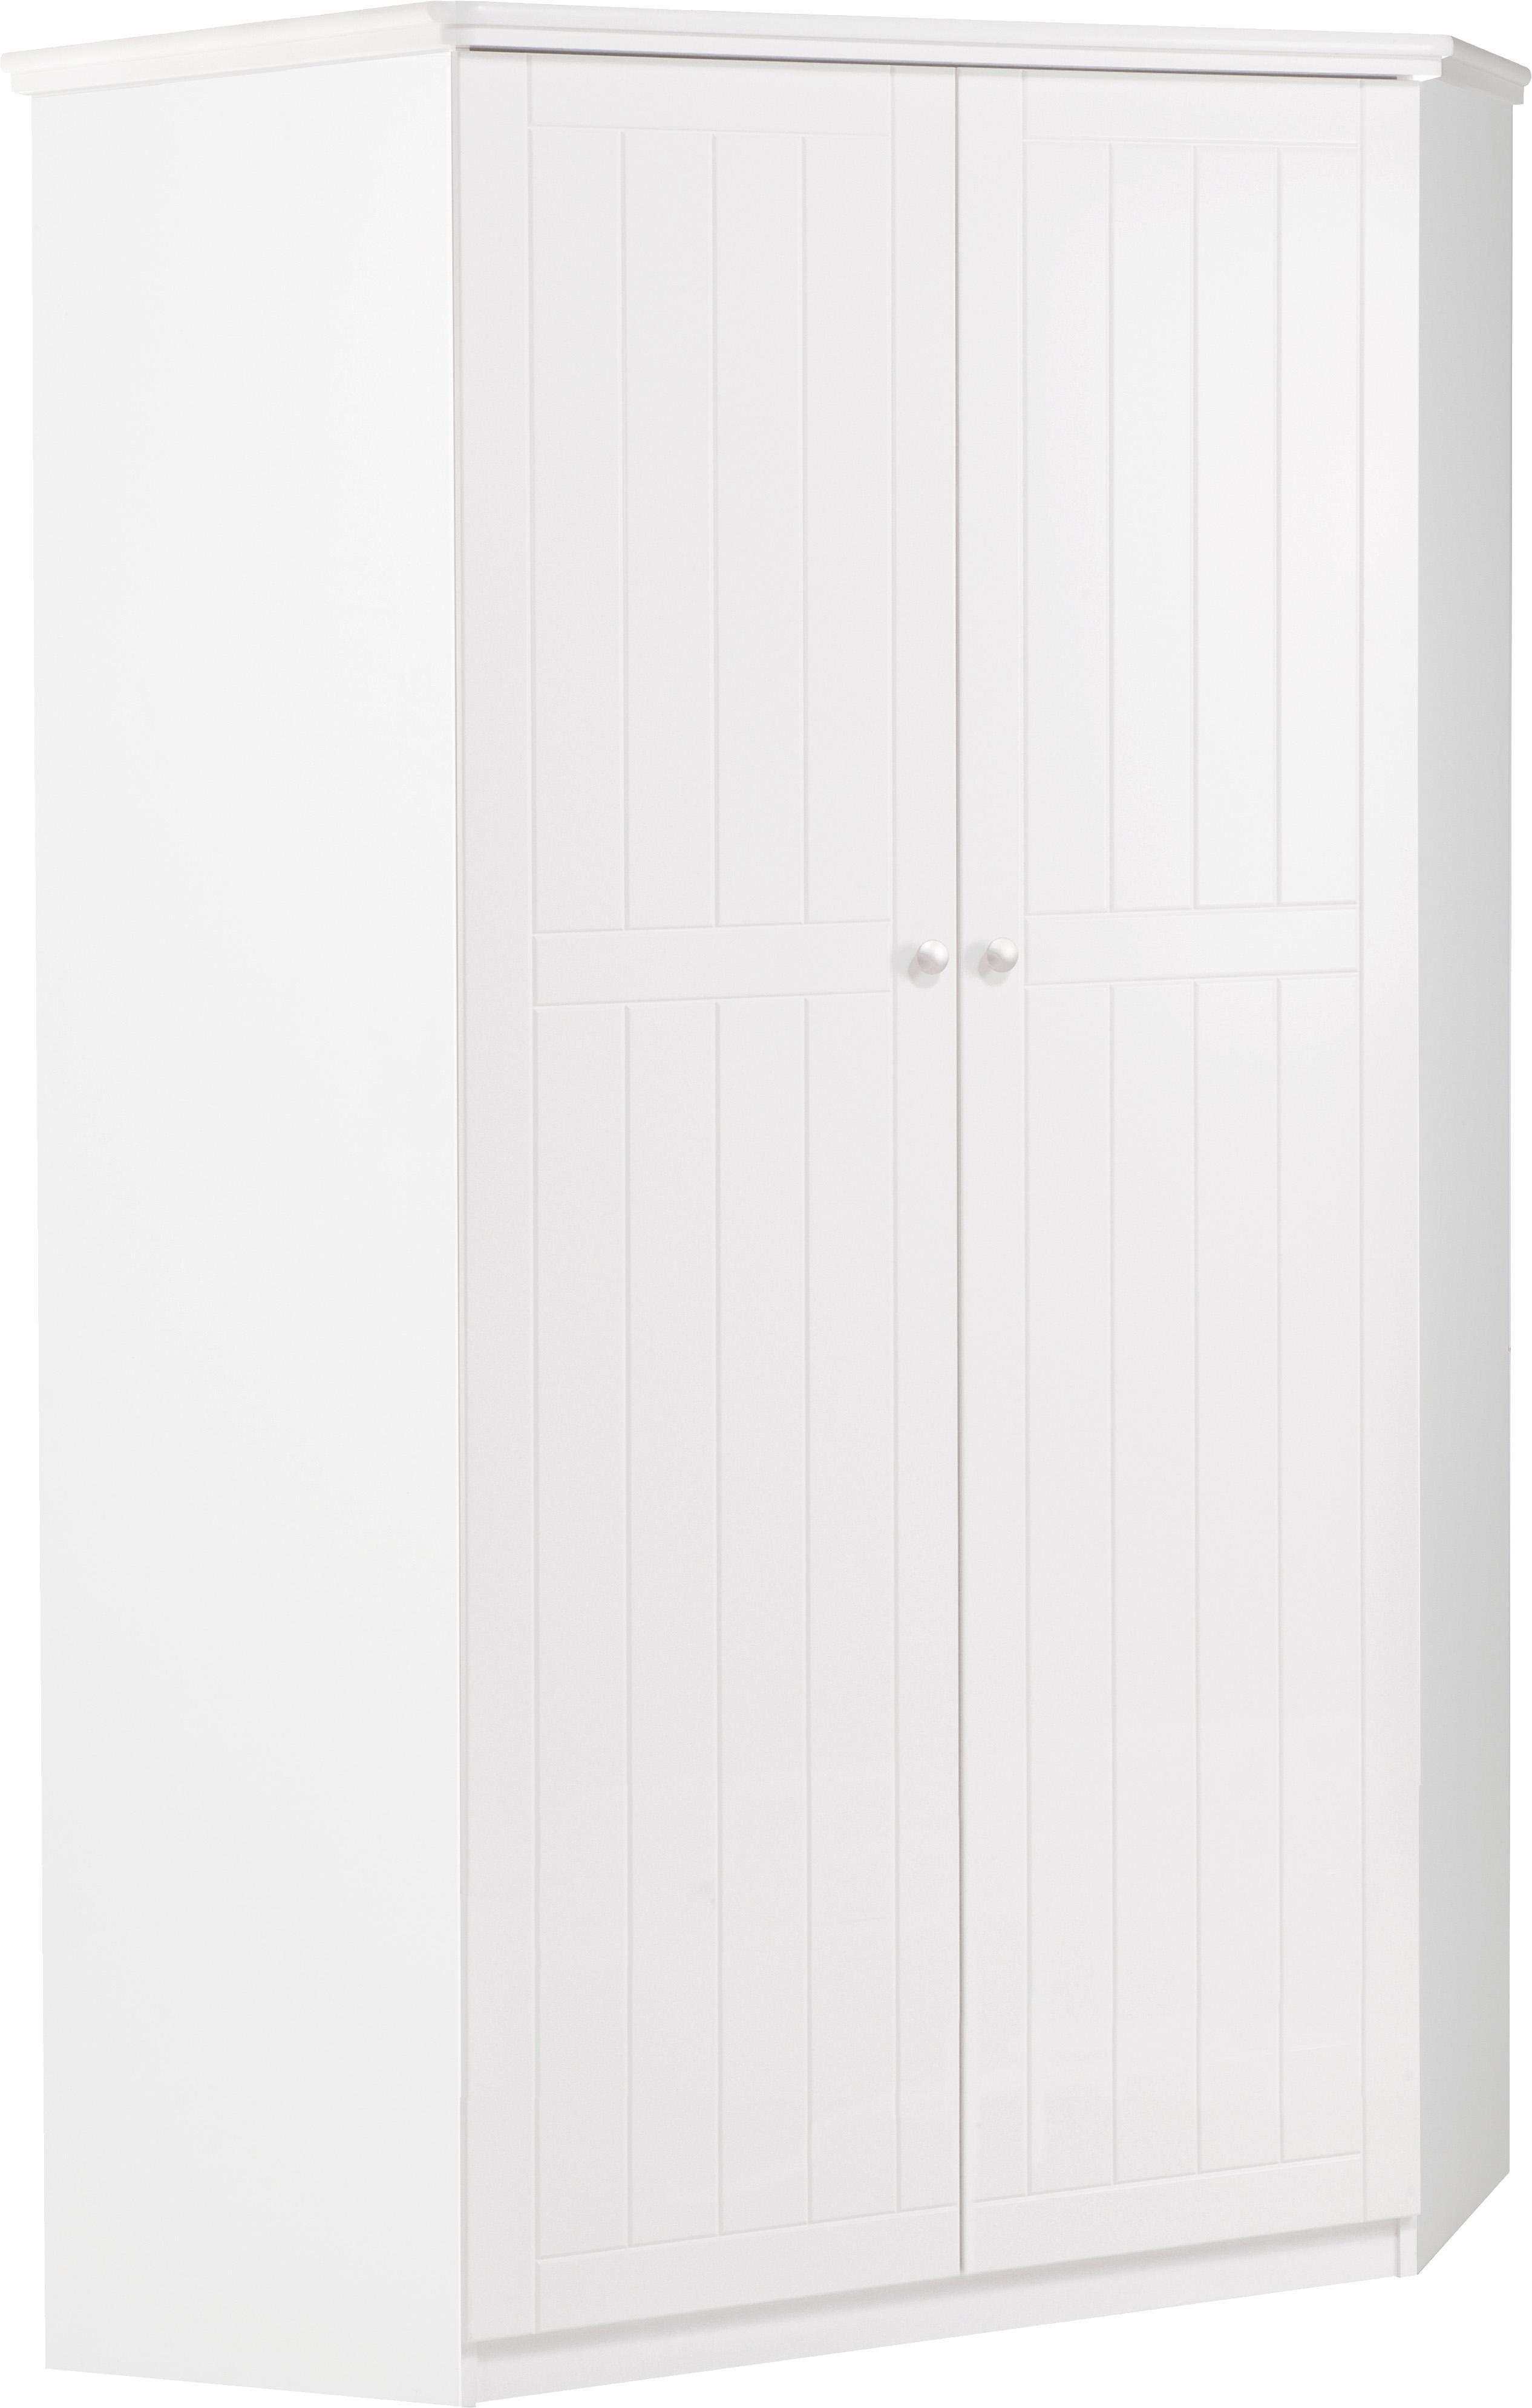 Roba Eck-Kleiderschrank »Florenz«, Breite 100 cm